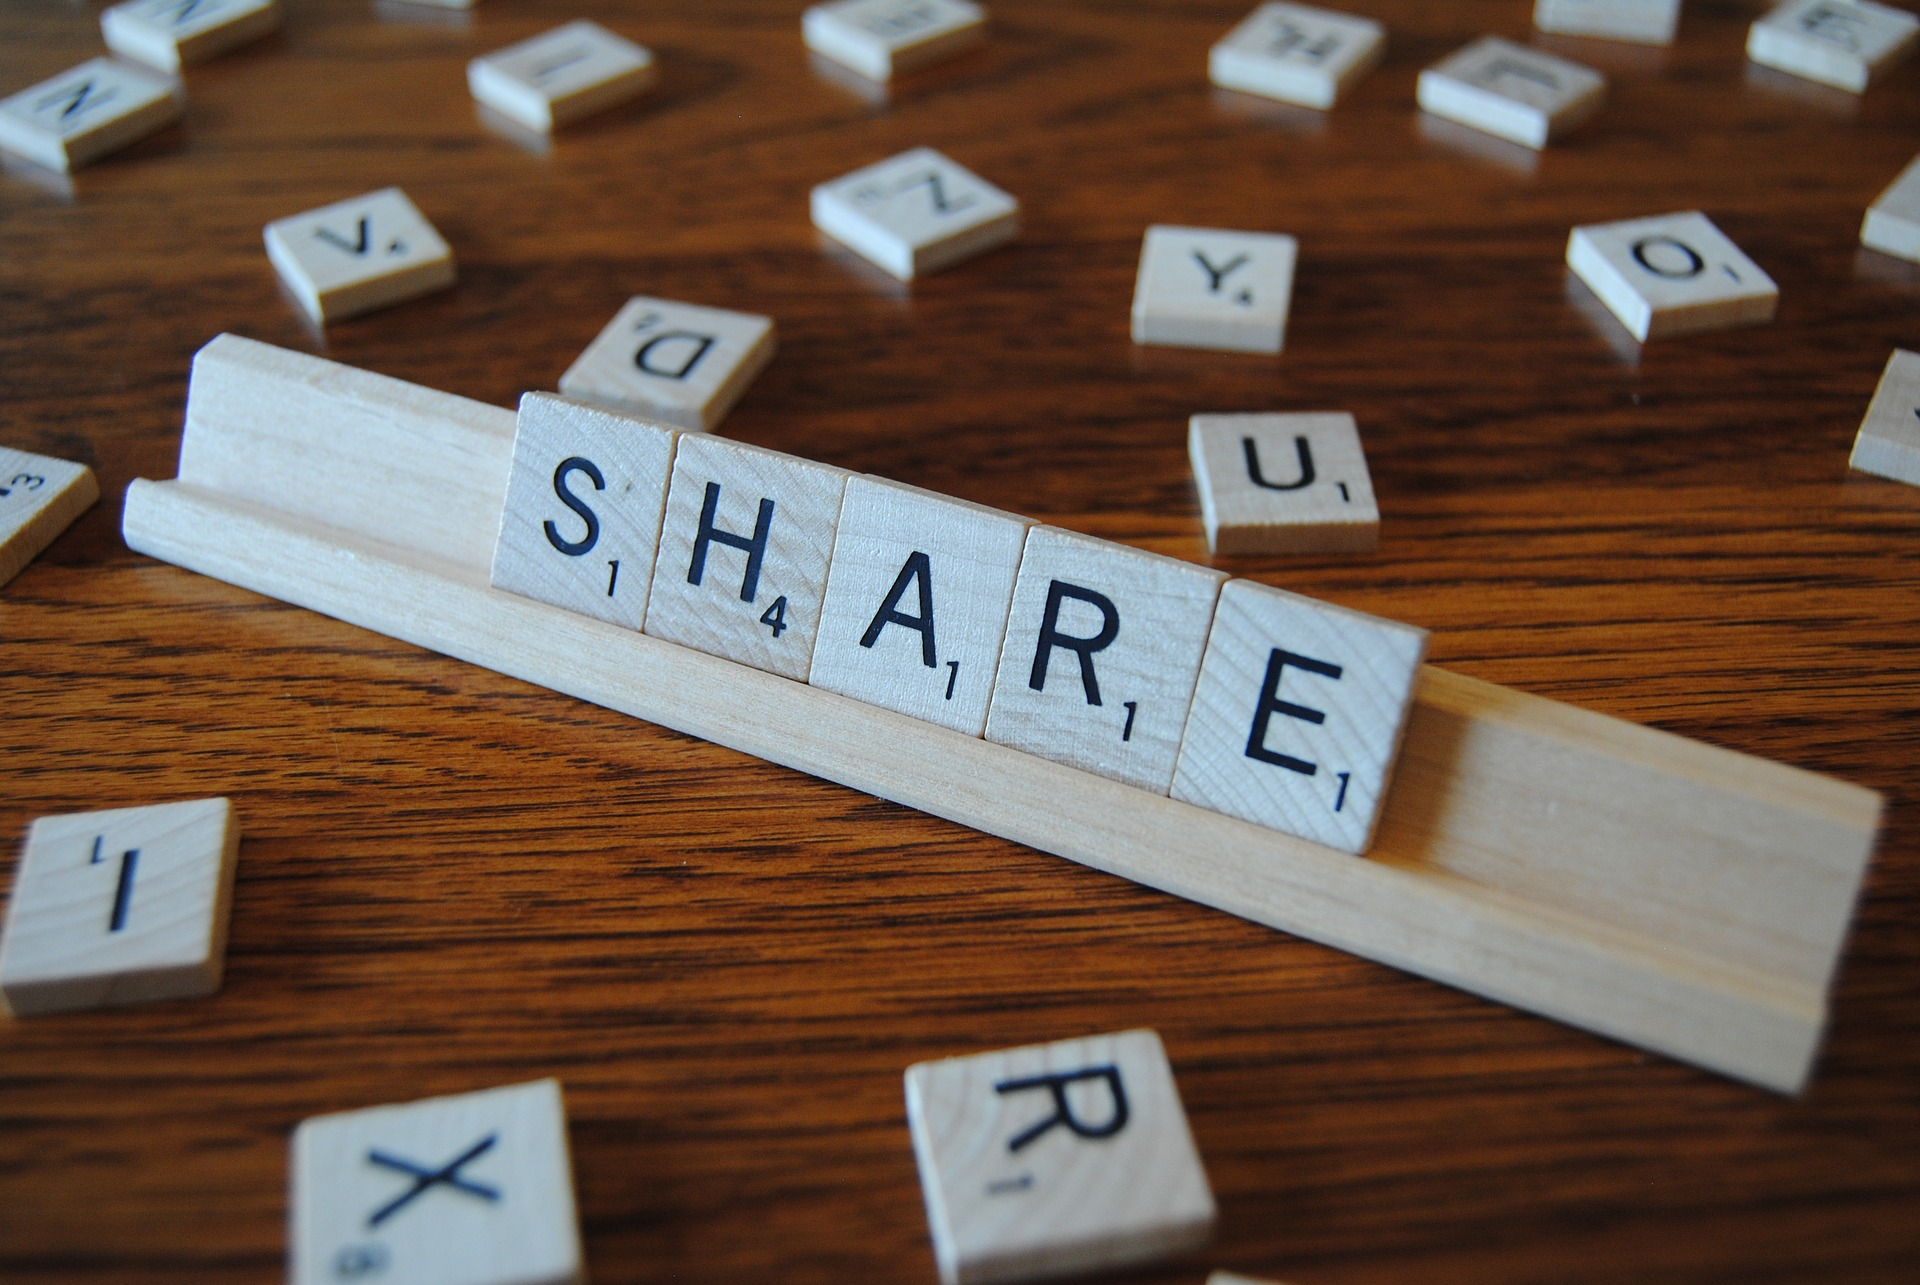 DI-fusion - partage